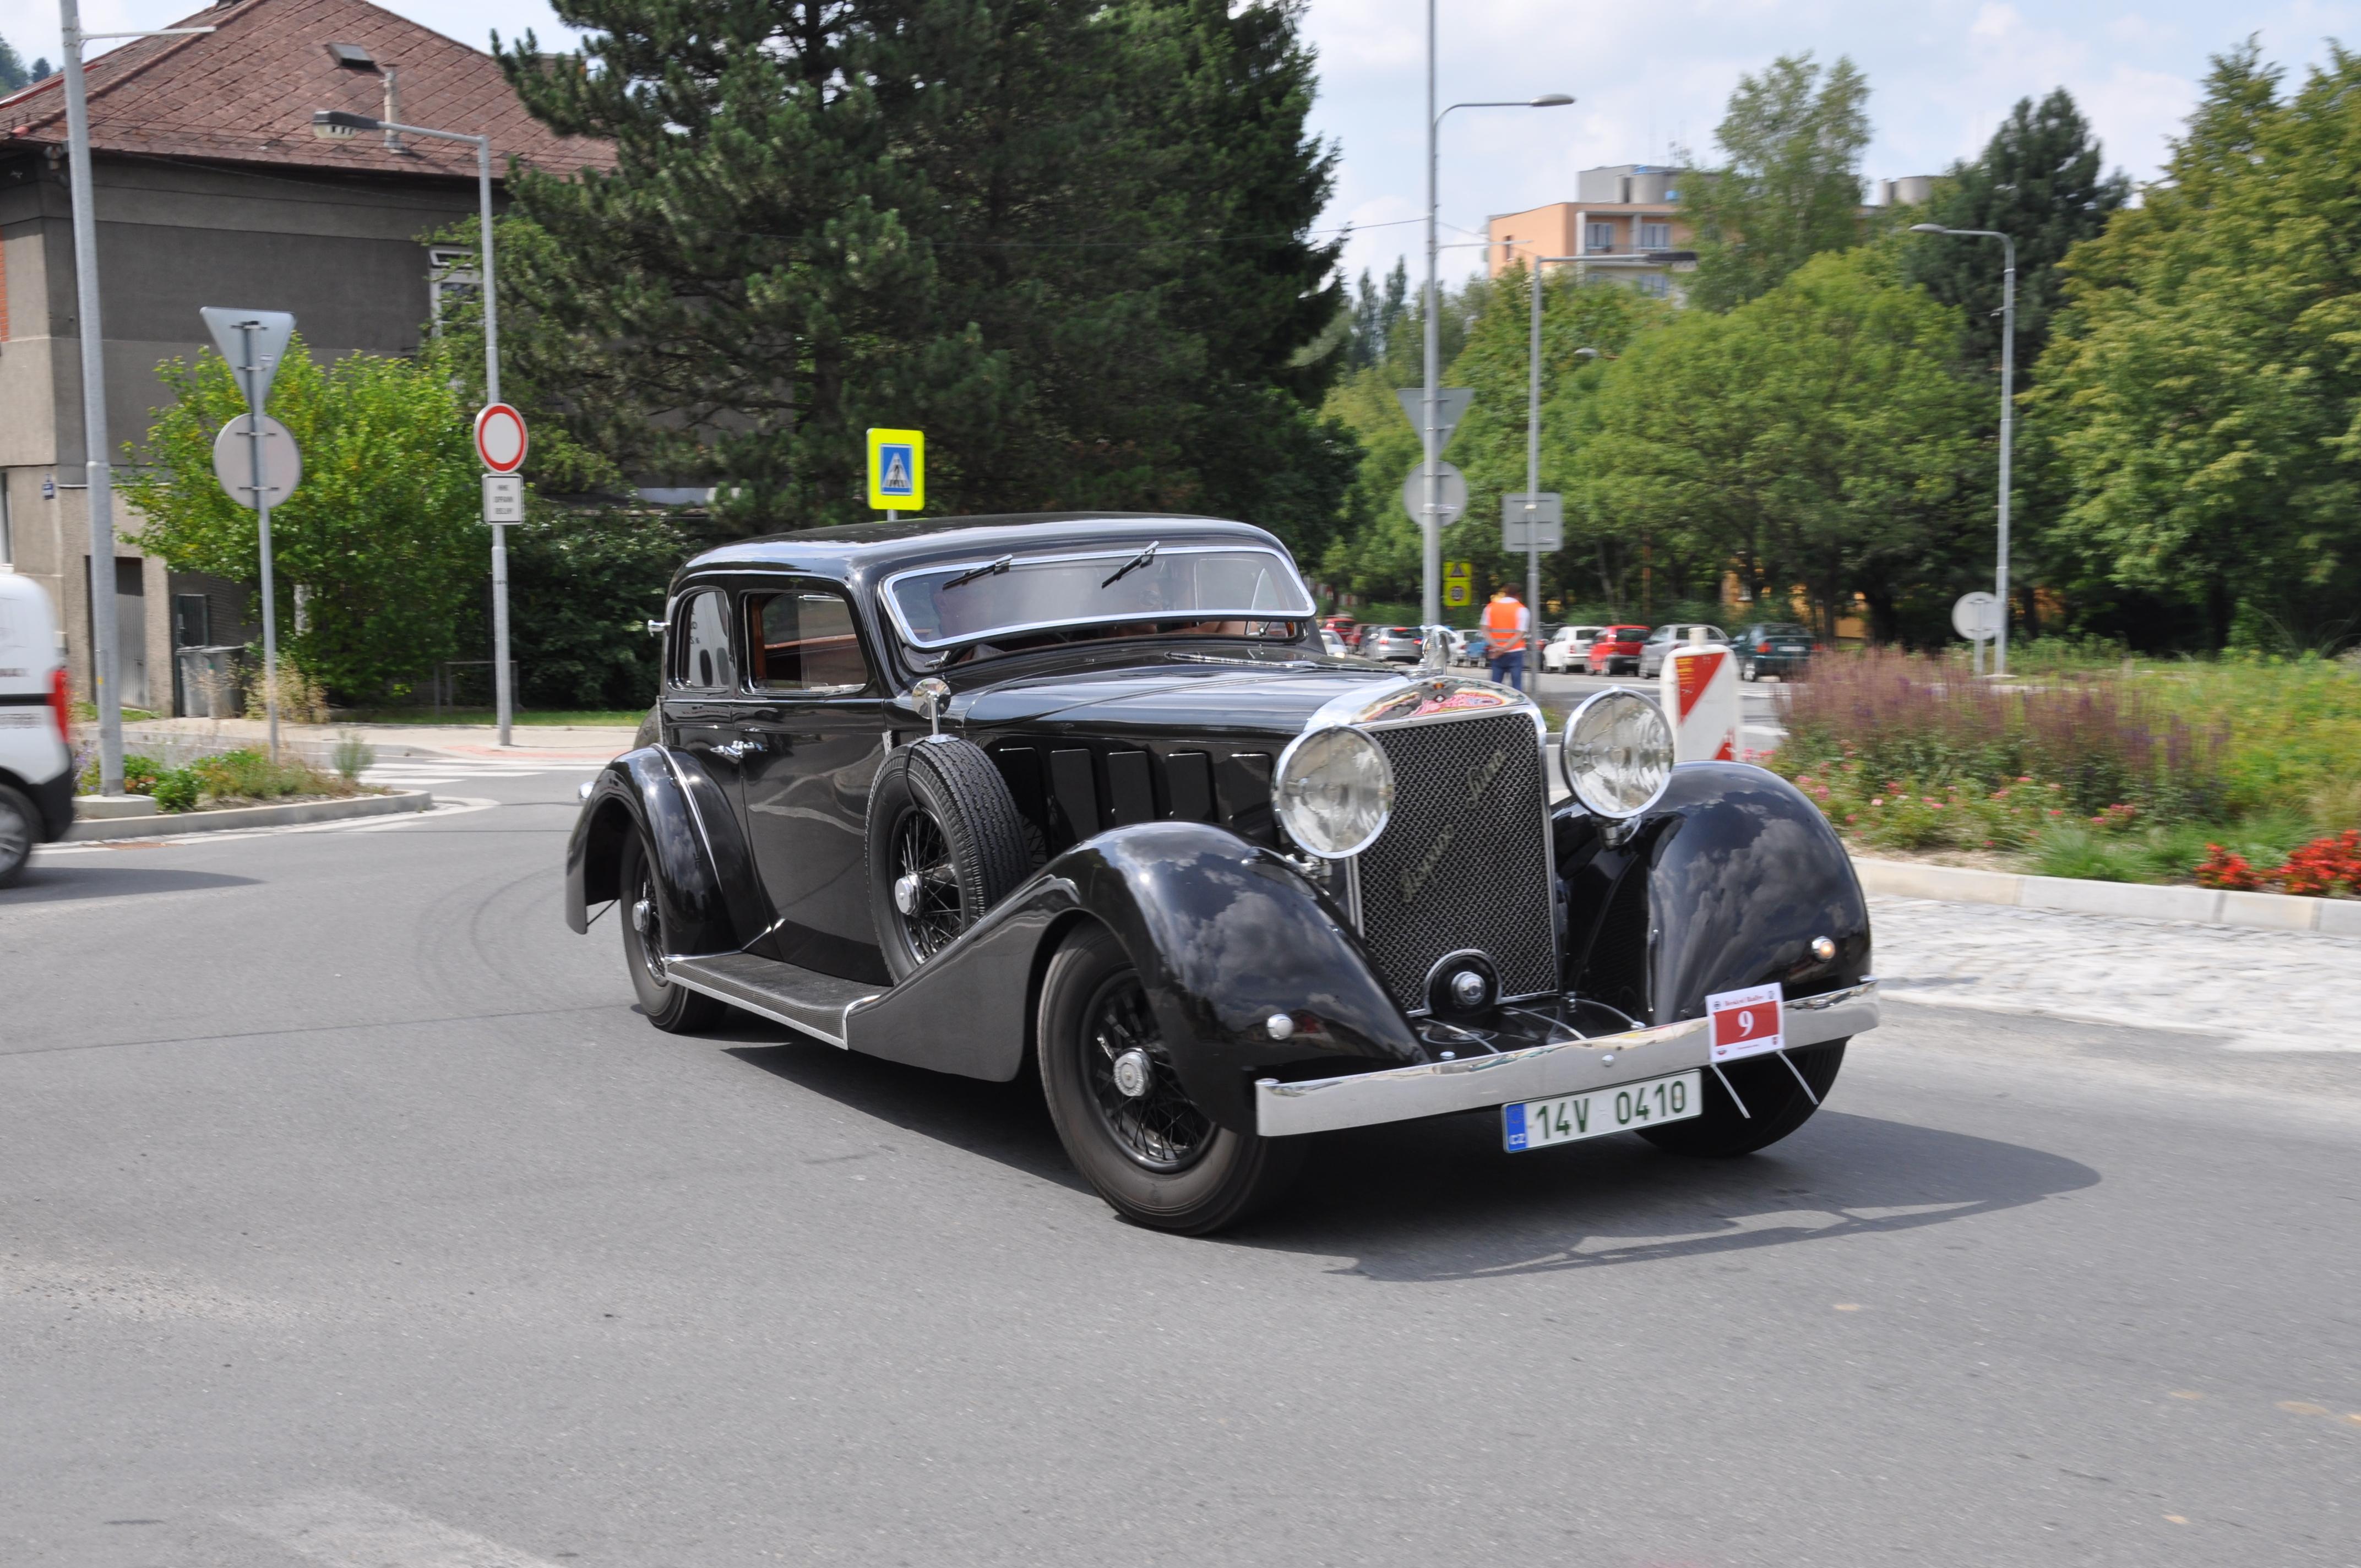 Vozy Hispano Suiza se v letech 1926–1929 vyráběly v licenci v Mladé Boleslavi. Celkem vzniklo asi 100 kusů. Výrazným designovým prvkem byly velké přední světlomety.